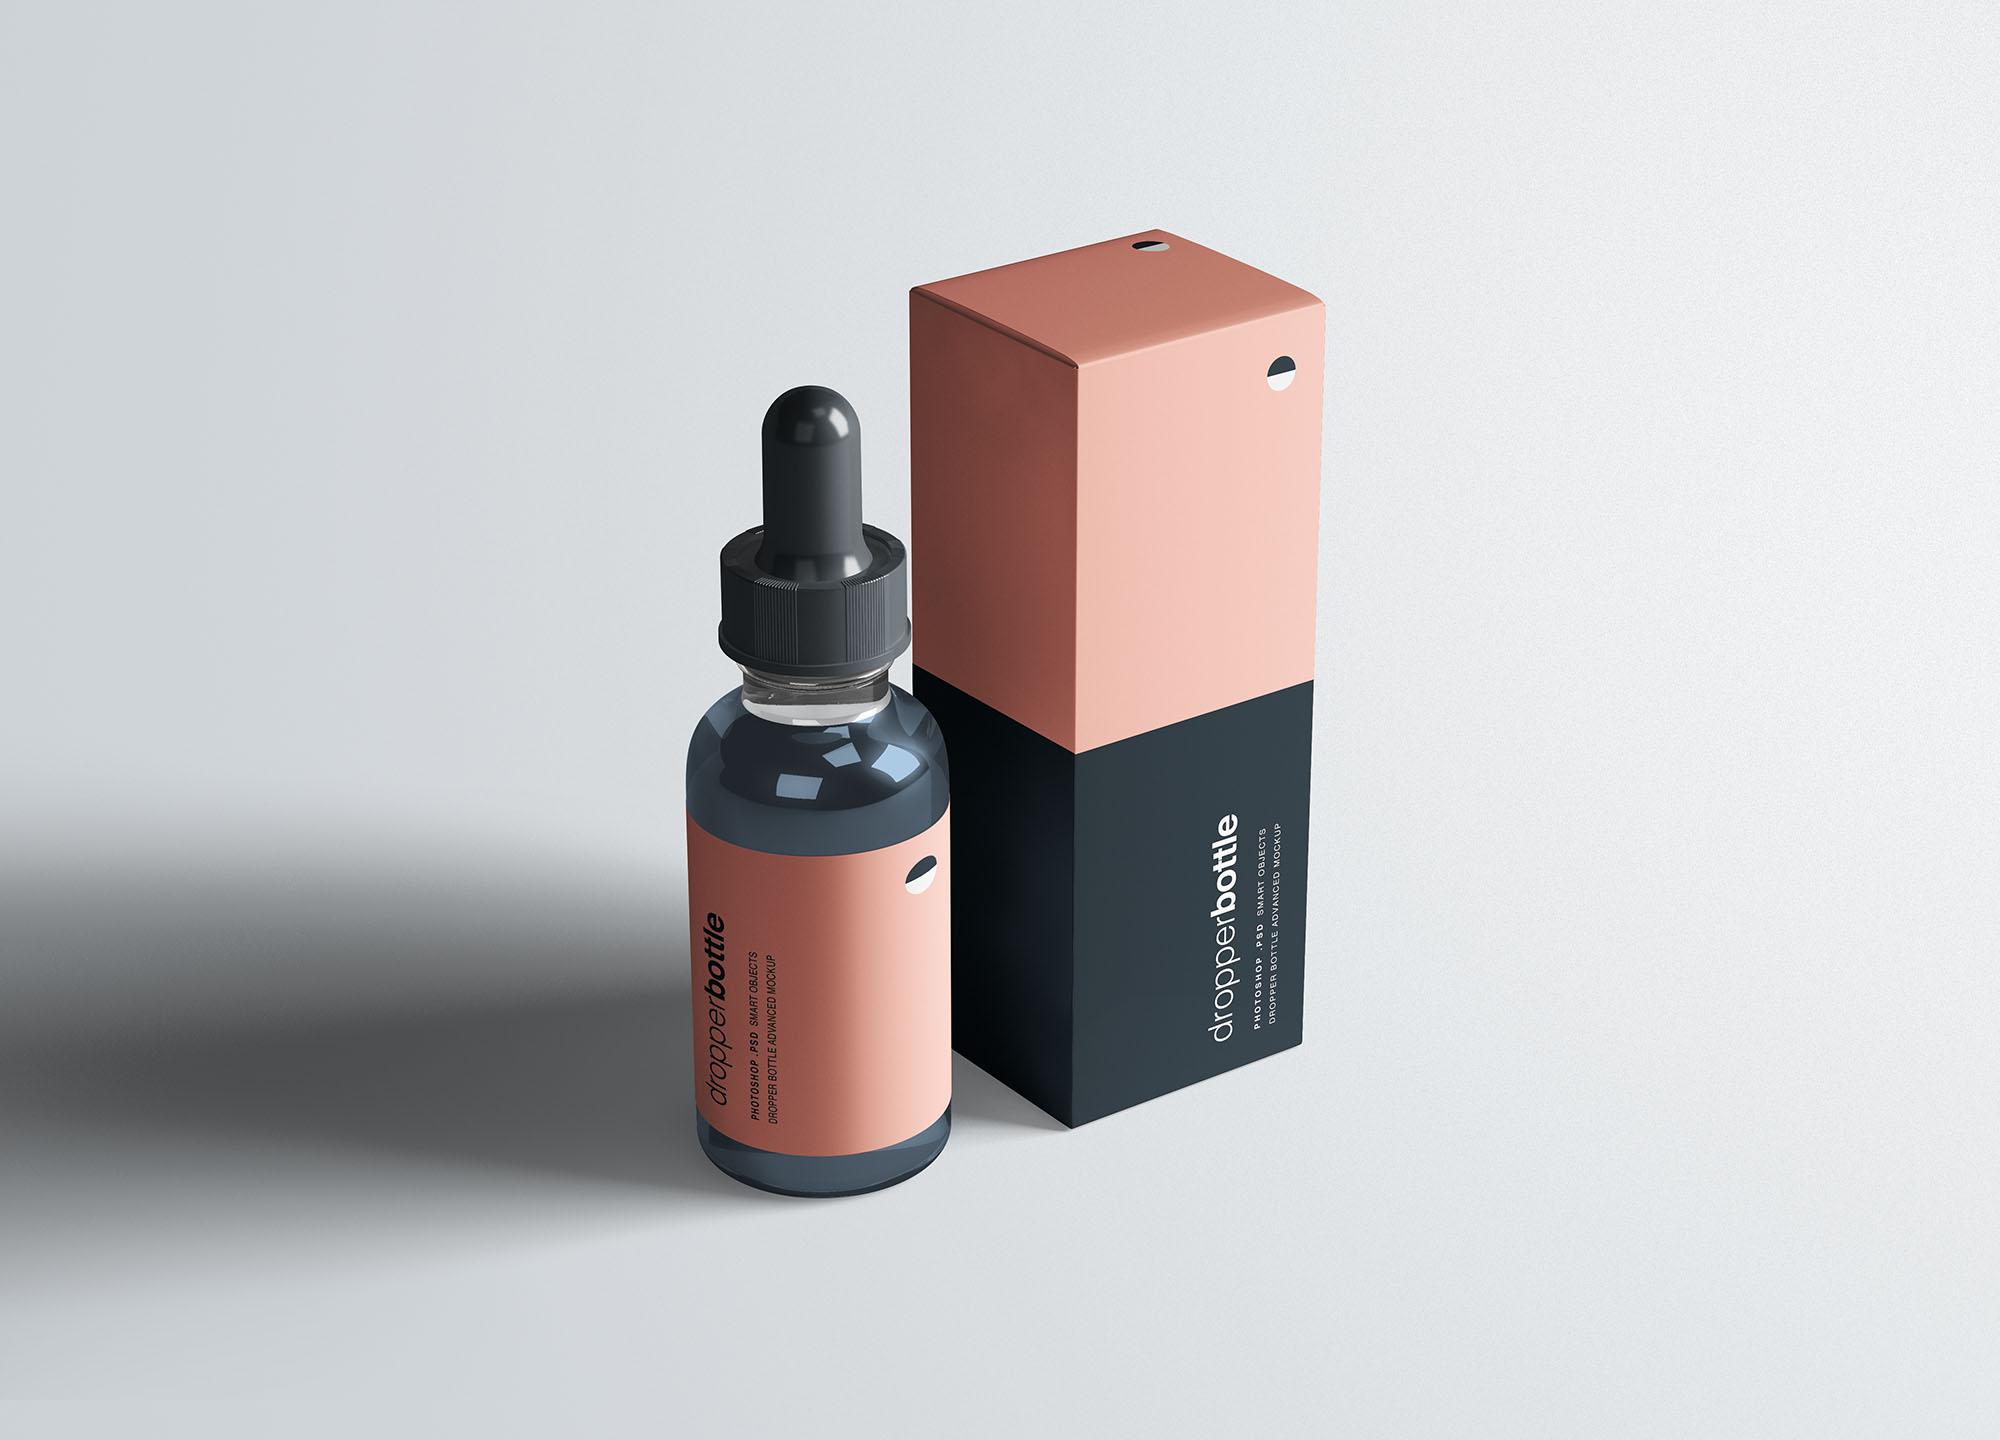 多角度滴管瓶样式洗化用品包装设计样机展示mockups